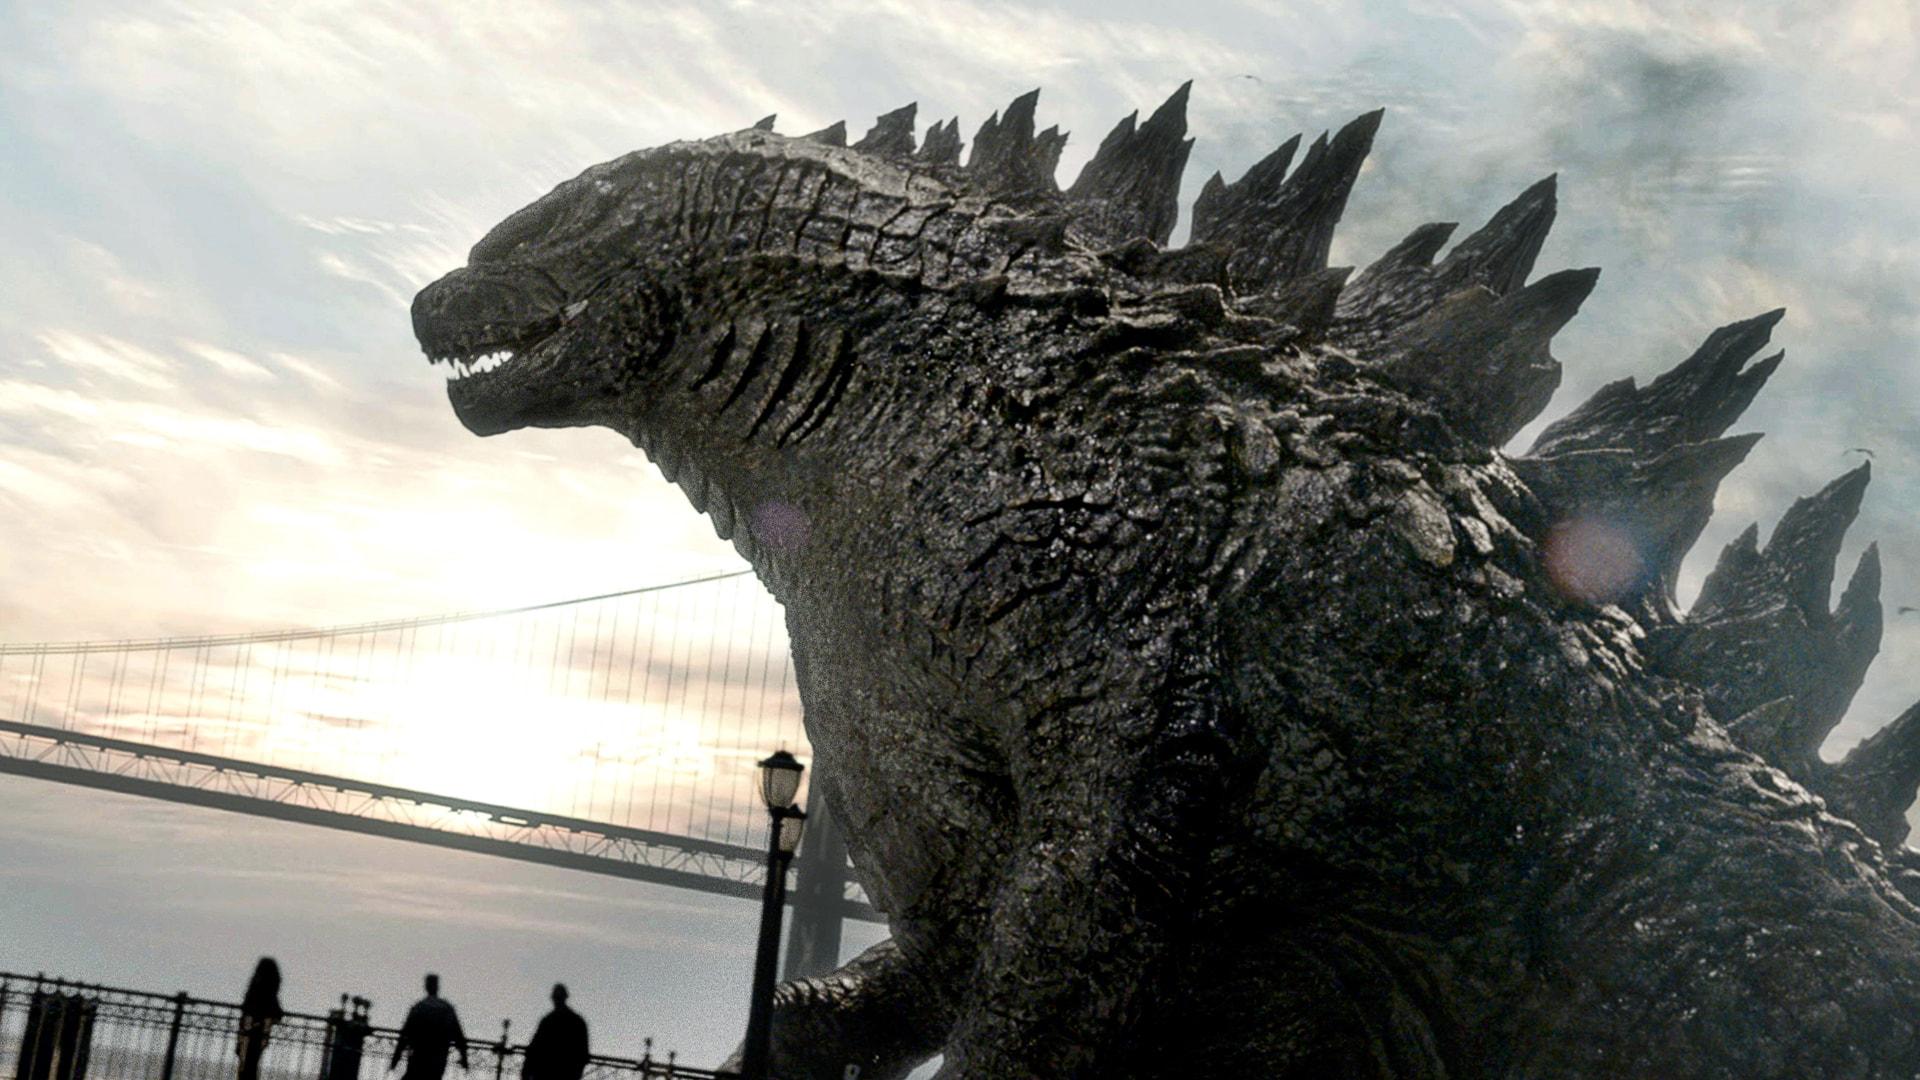 Godzilla 2014 Widescreen